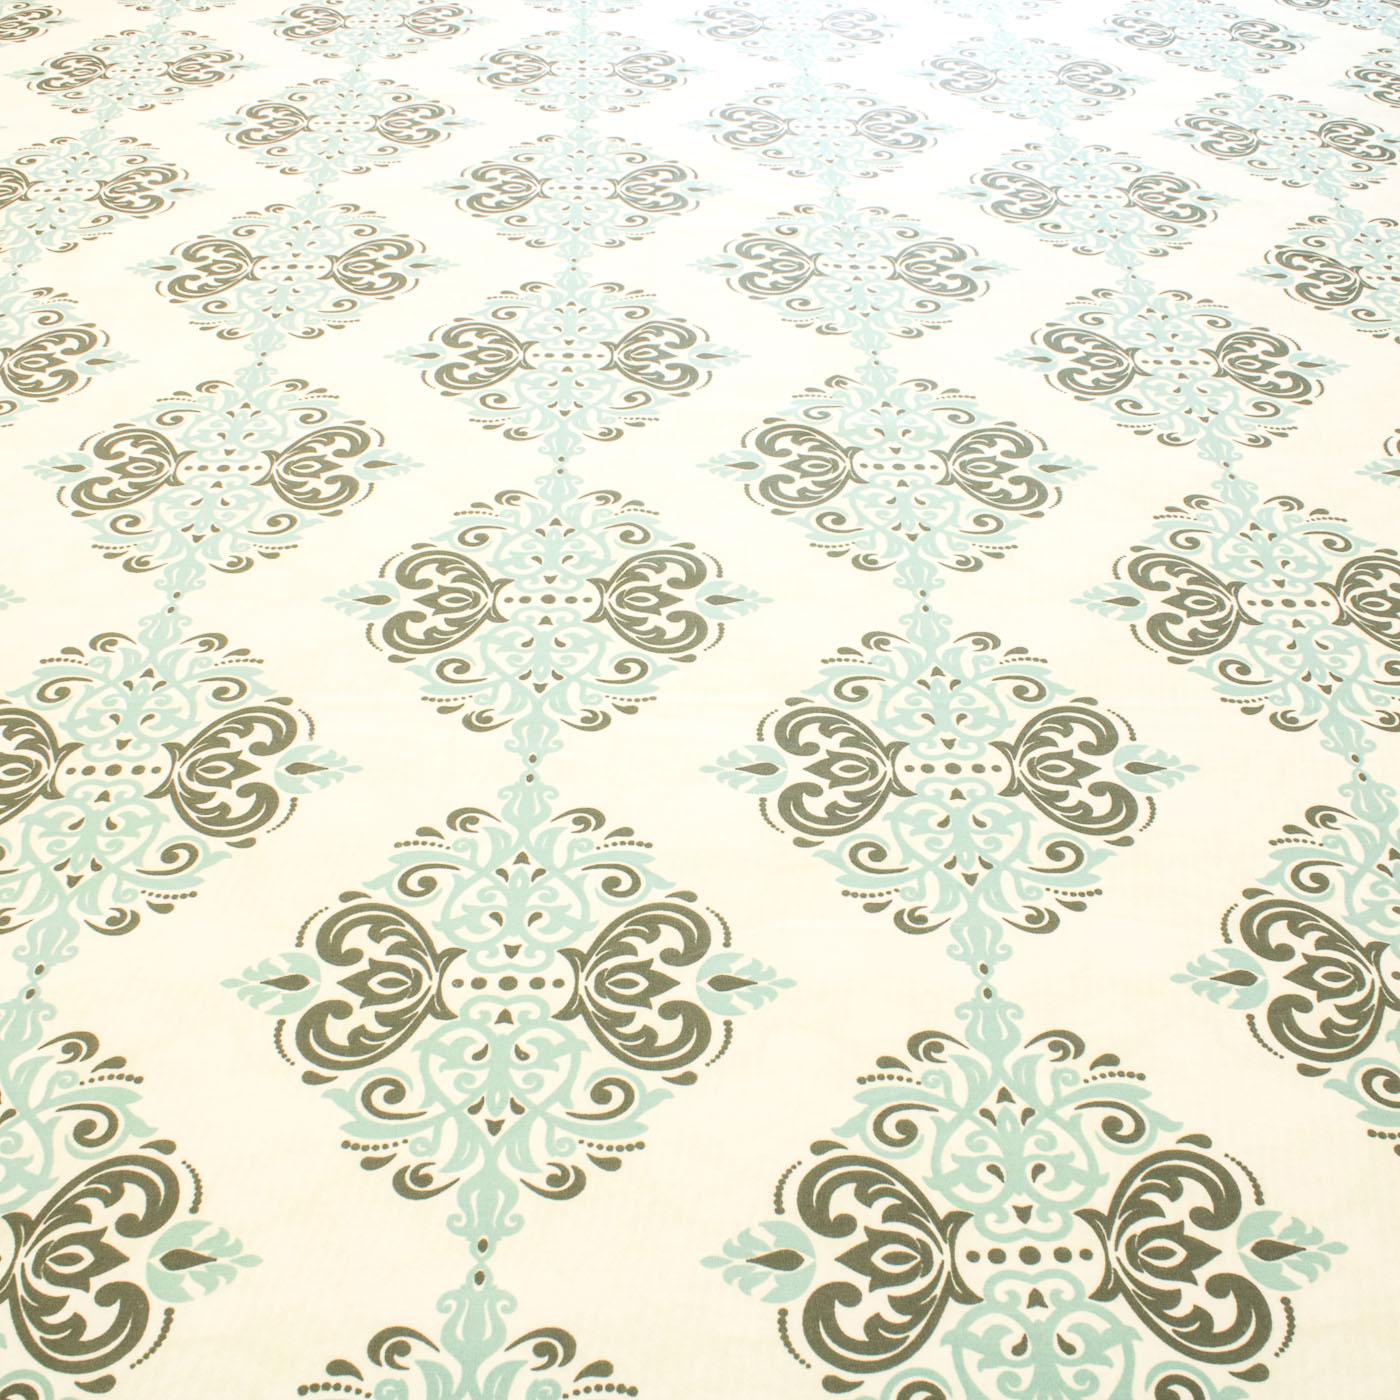 Tecido Percal Estampado Geometrico 180 Fios 2,50 m Azul Tiffany